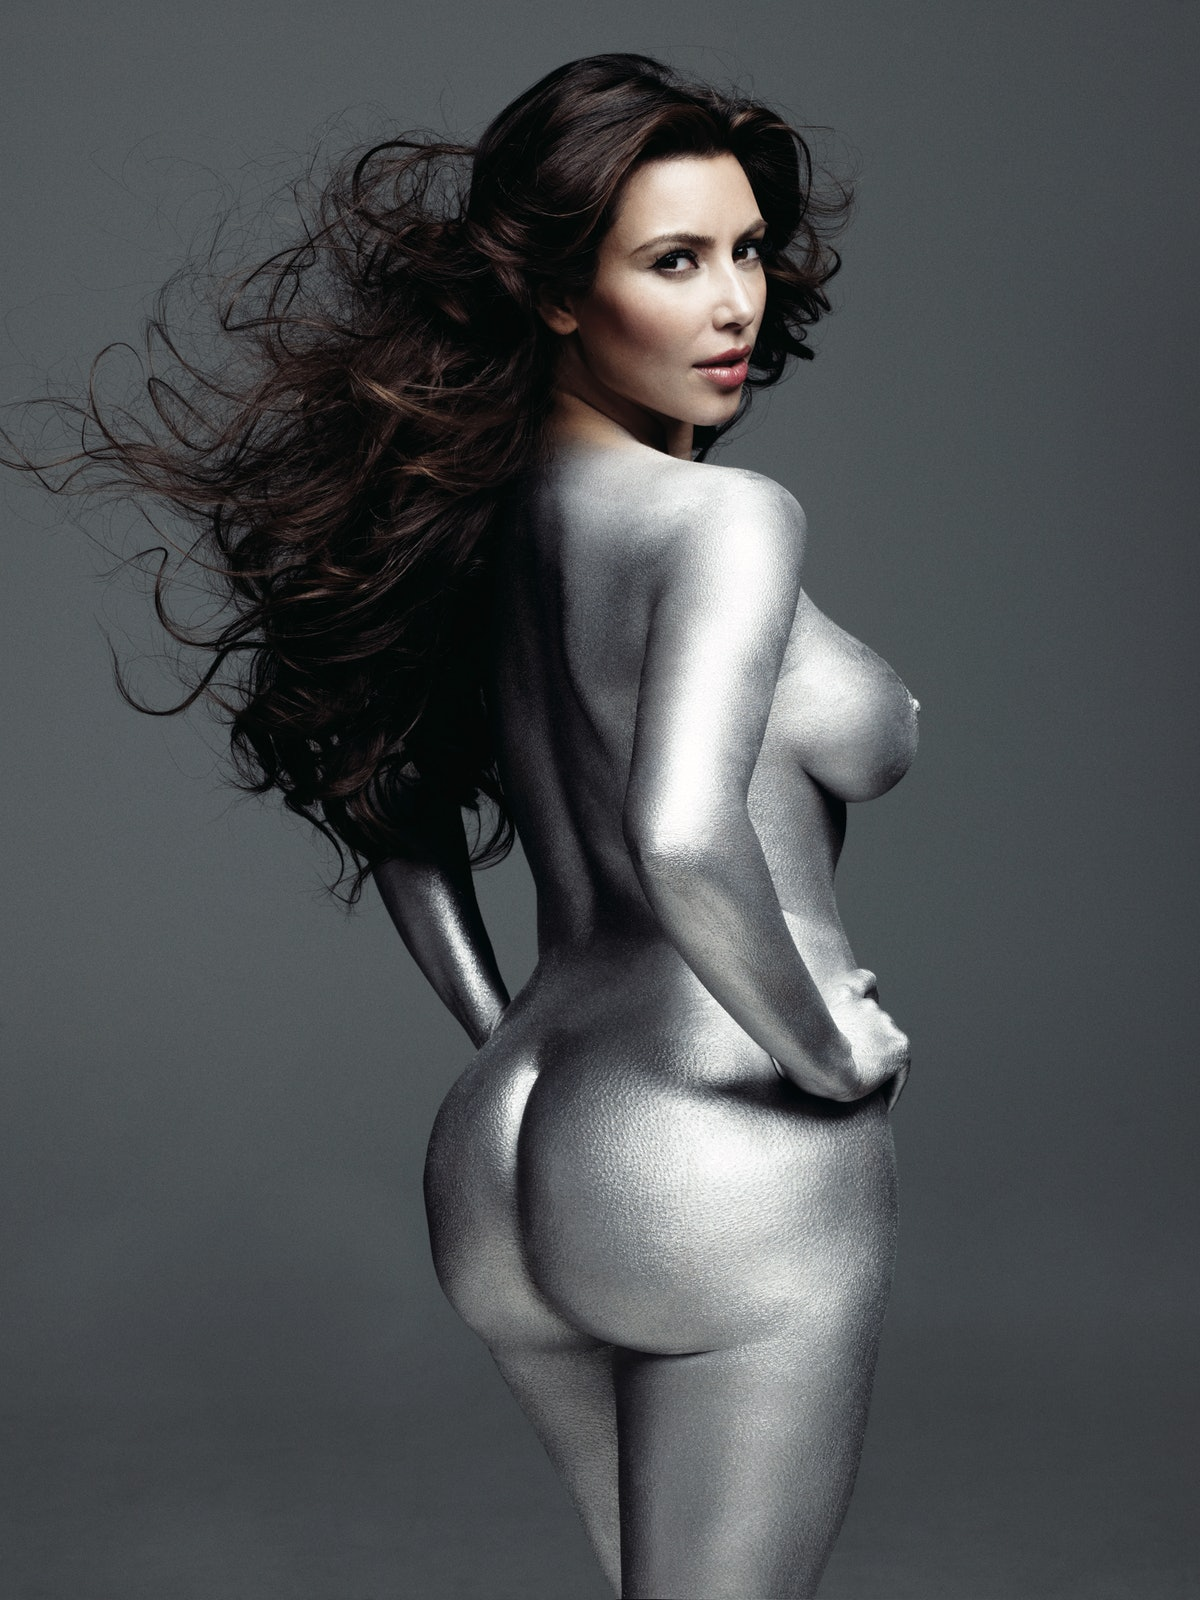 cess_kim_kardashian_11_v1.jpg